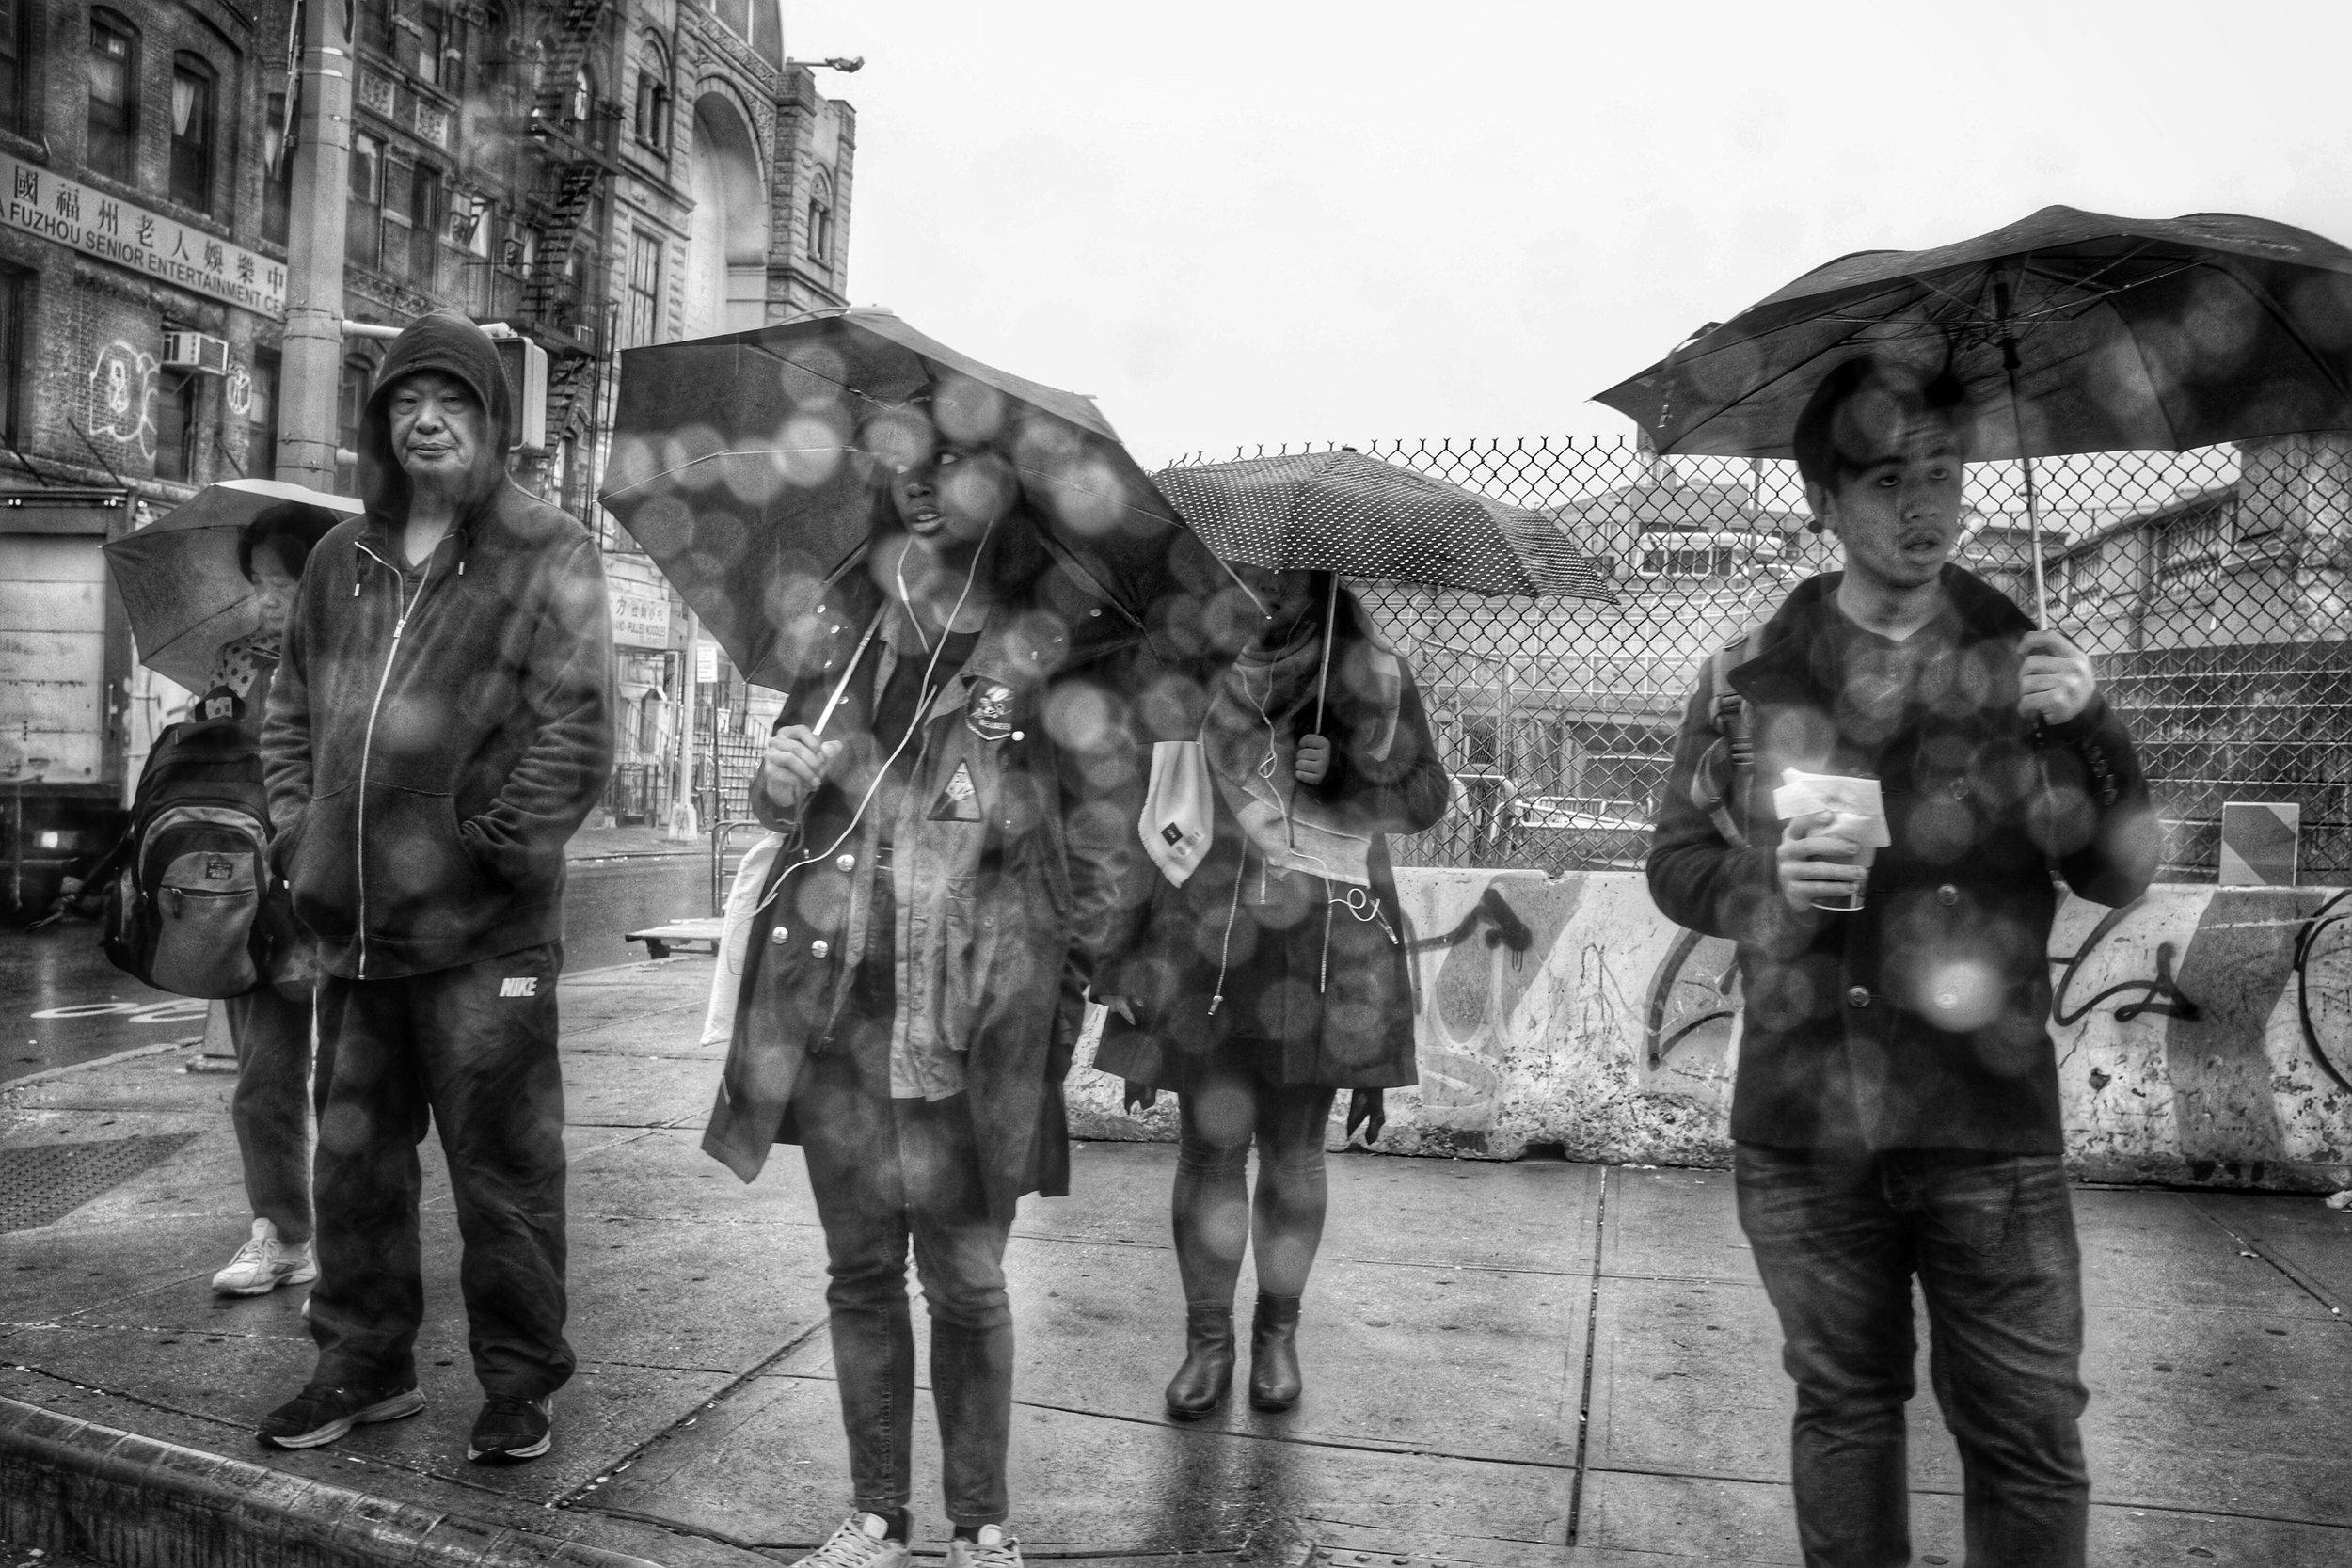 Rain. Canal Street. Chinatown. New York City. 2016.